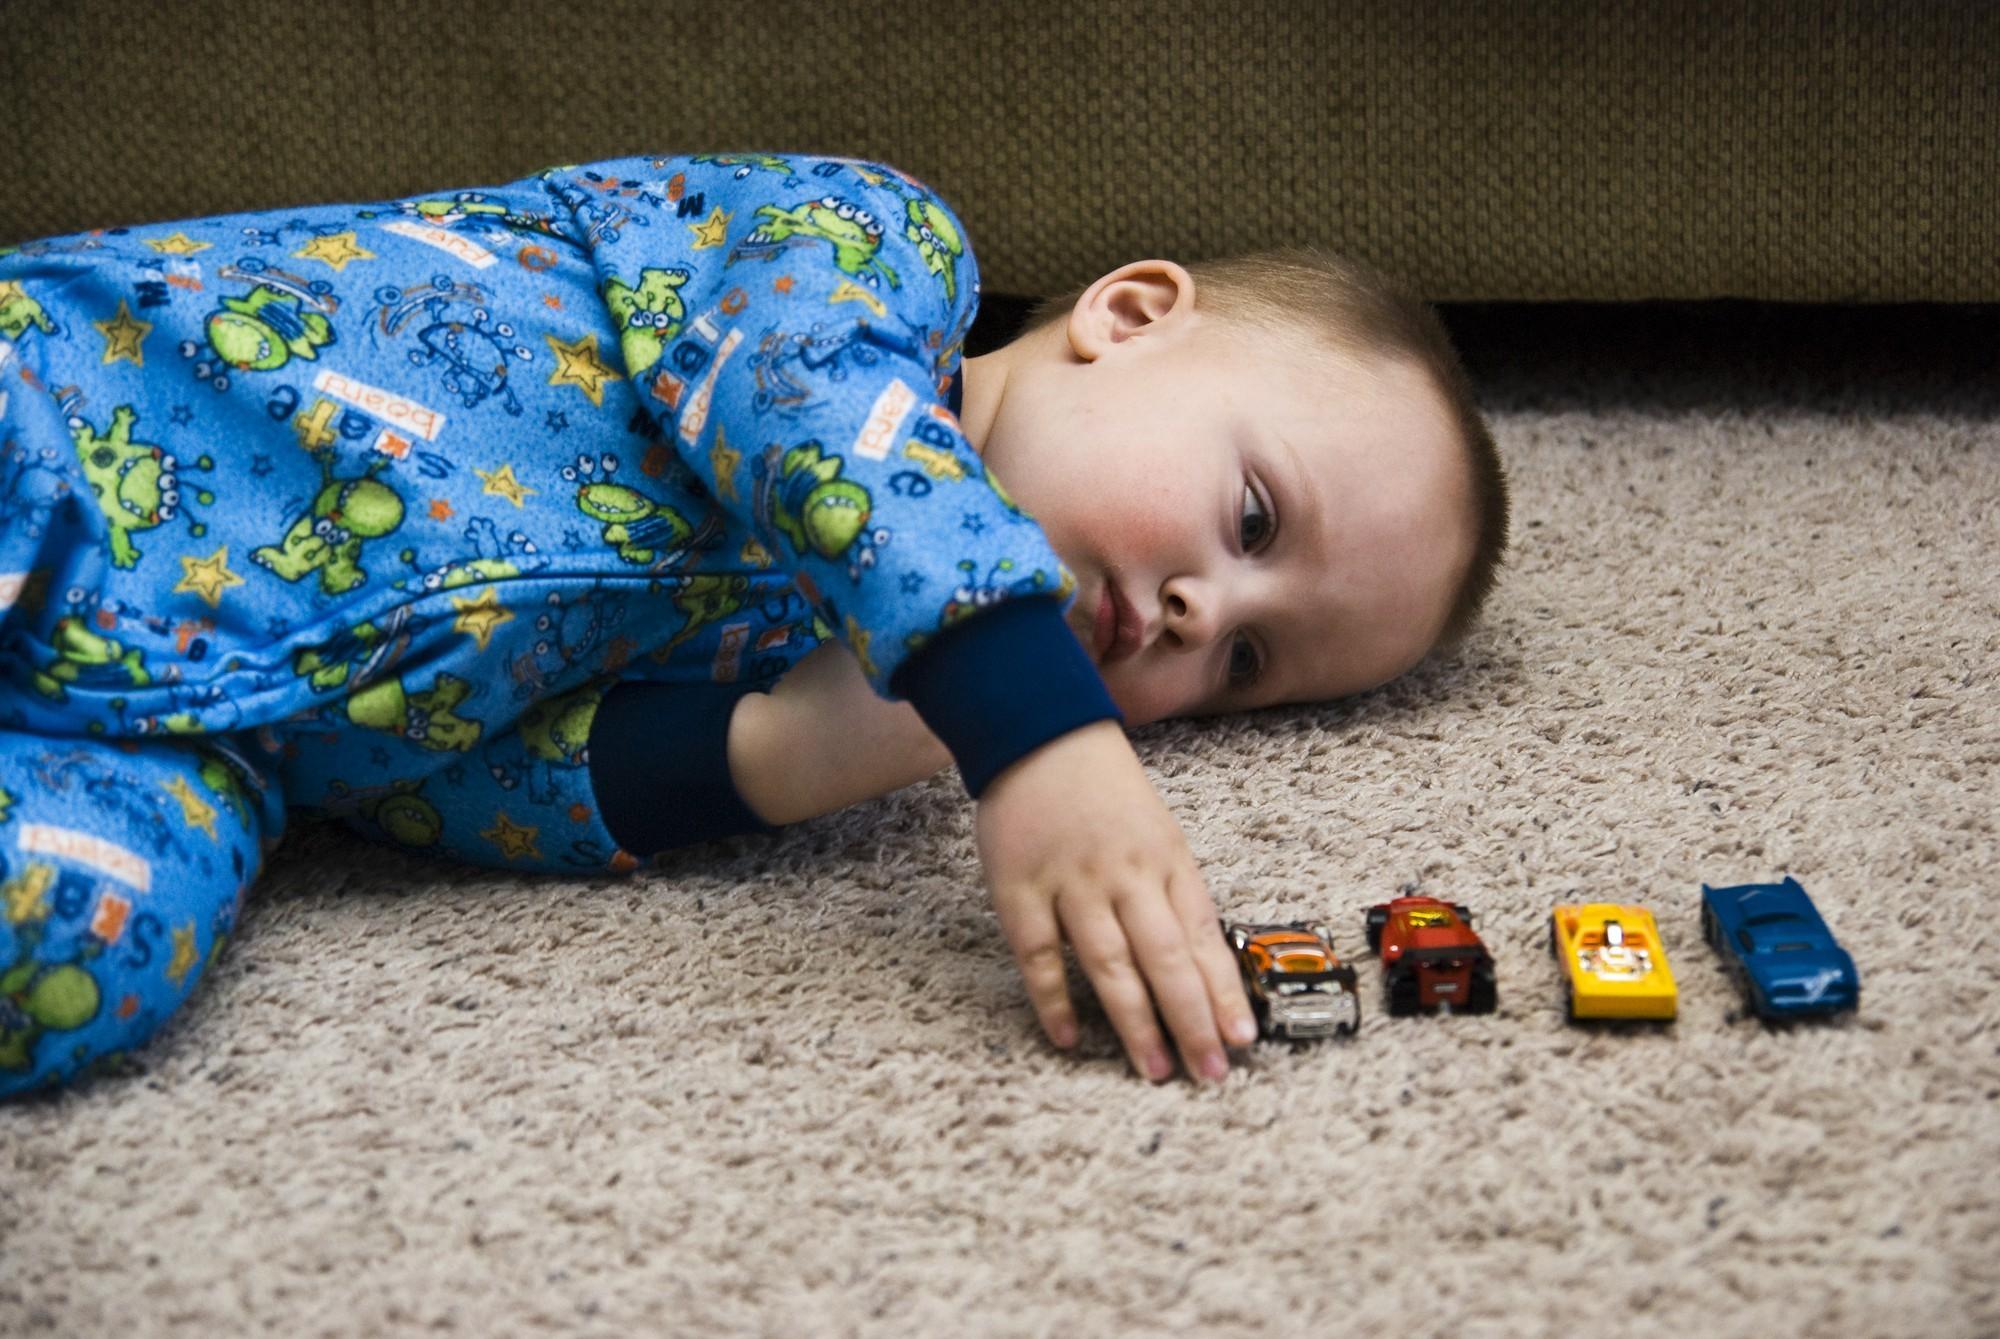 Нарушенный сон при аутизме - при этом усталость и раздражение